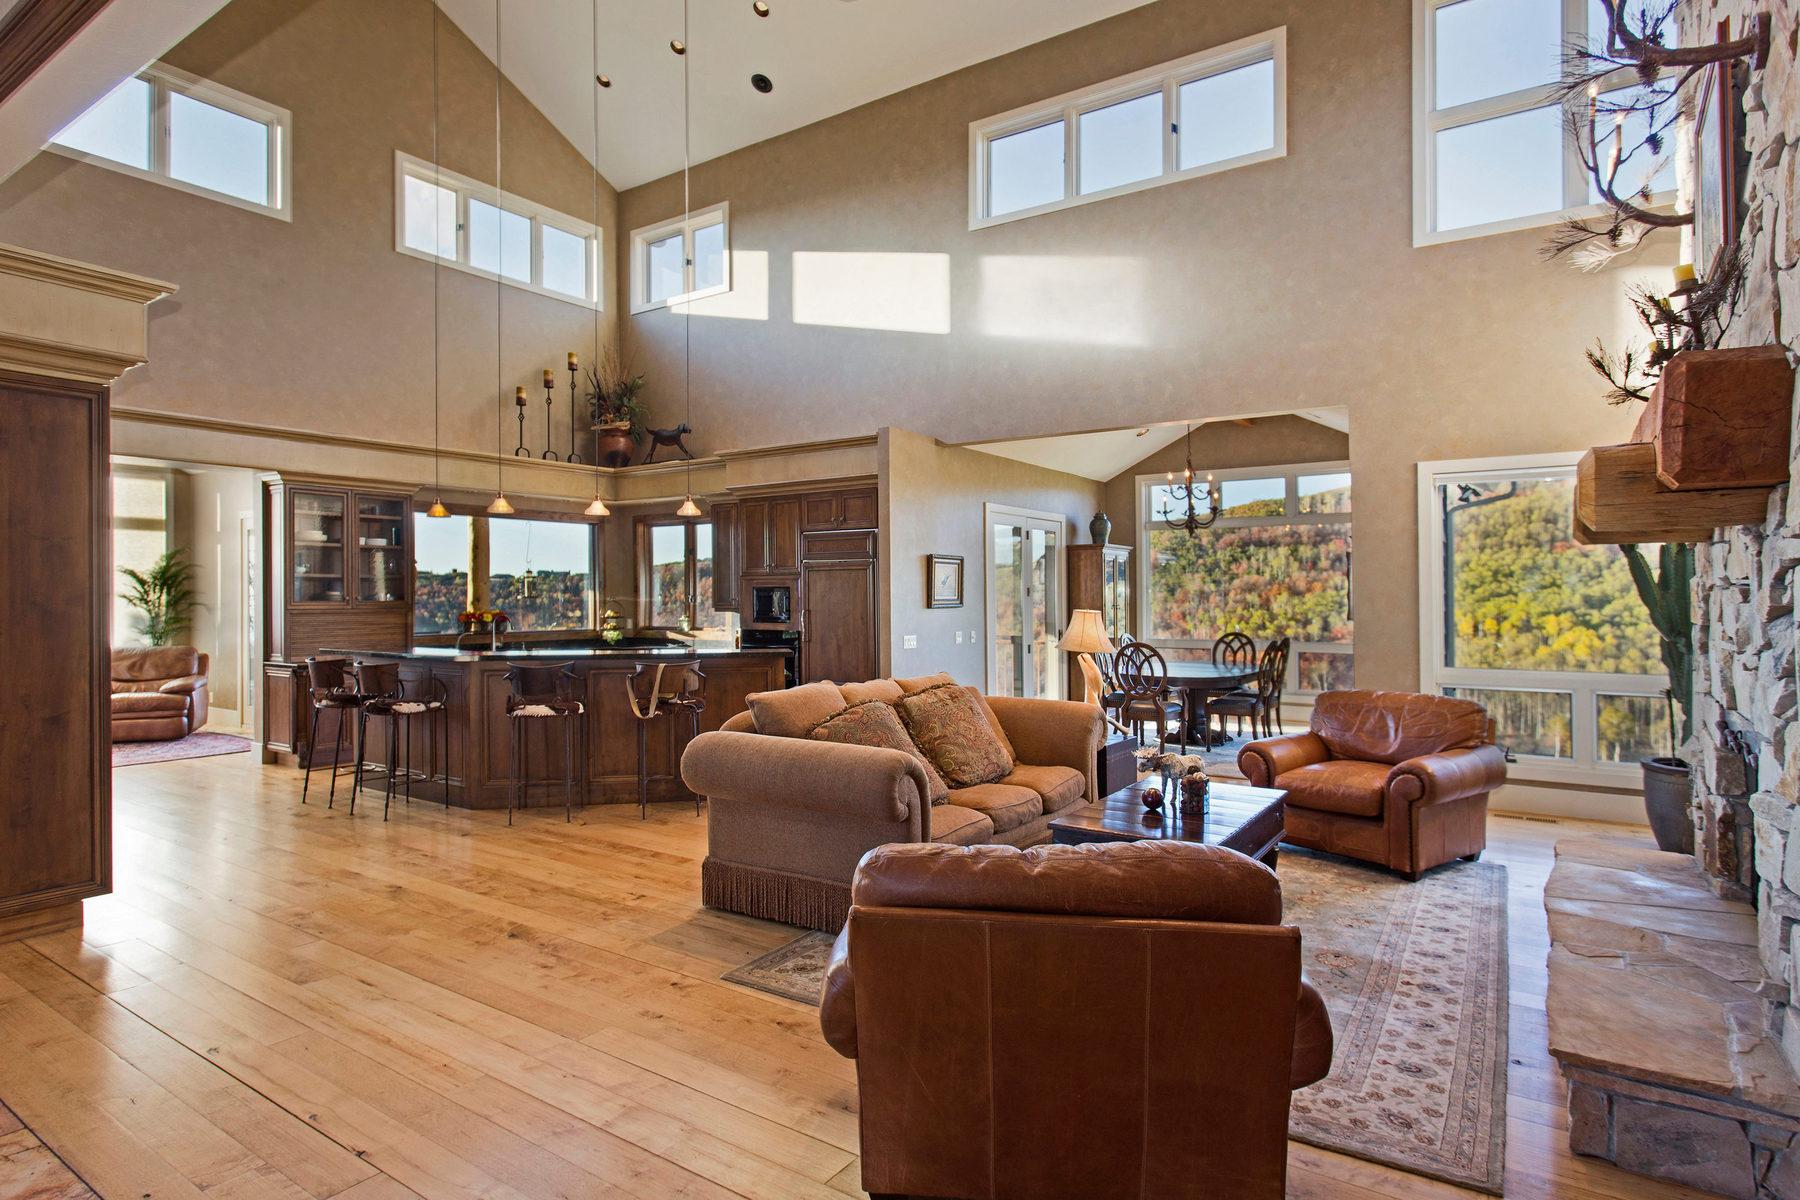 独户住宅 为 销售 在 183+ Acre Ranch 15 Minutes to Park City 749 W Tollgate Canyon Rd Wanship, 犹他州 84017 美国